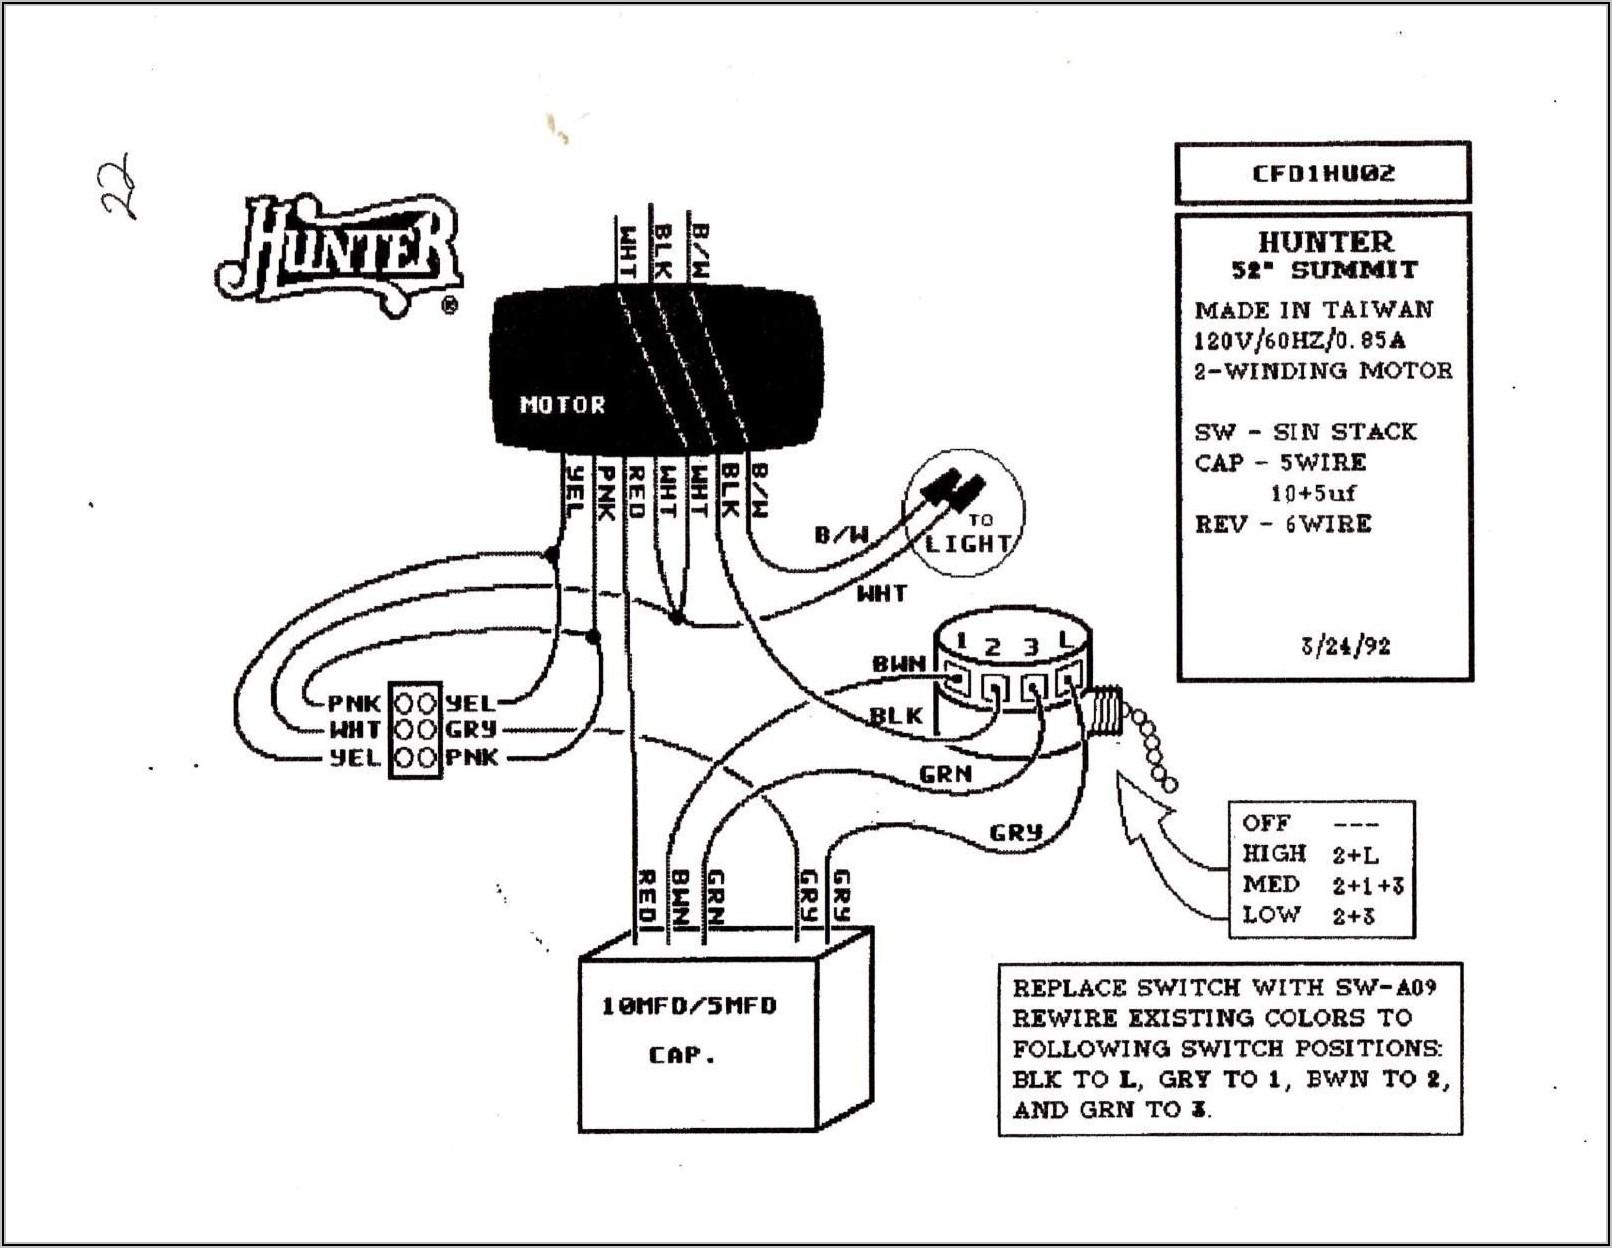 Hampton Bay 3 Speed Ceiling Fan Wiring Diagram